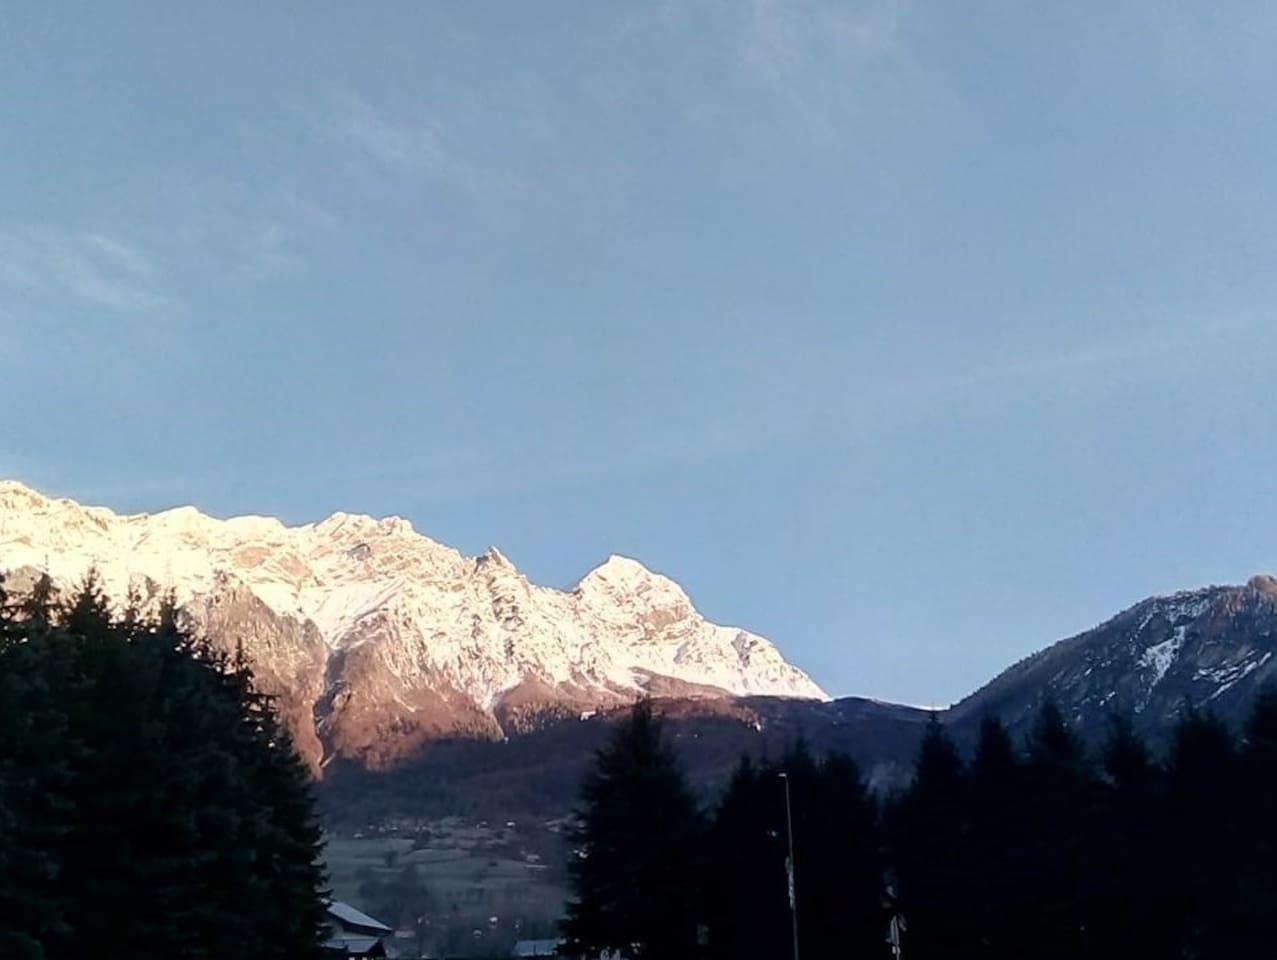 Le mont Charvin vu depuis la maison.